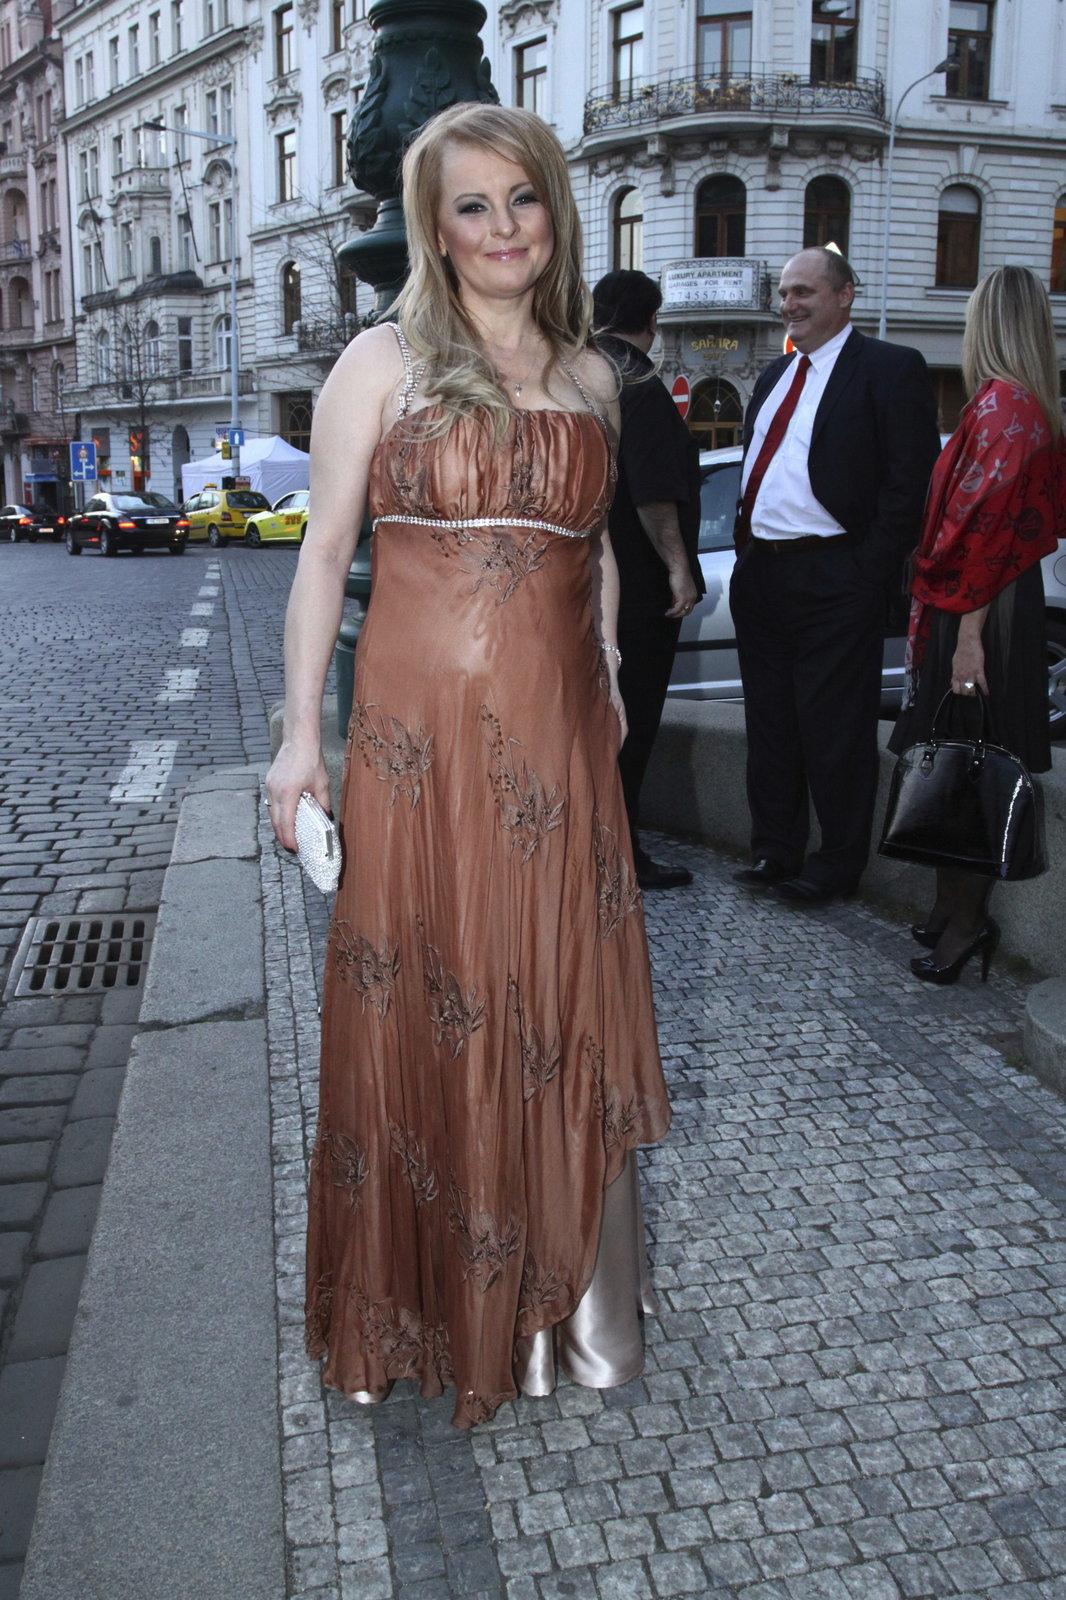 Iveta zazpívala hned na prvním koncertu Královen popu v roce 2000, poté dostala ještě dvě pozvání, ale kvůli zdravotním potížím vystoupení nakonec zrušila.